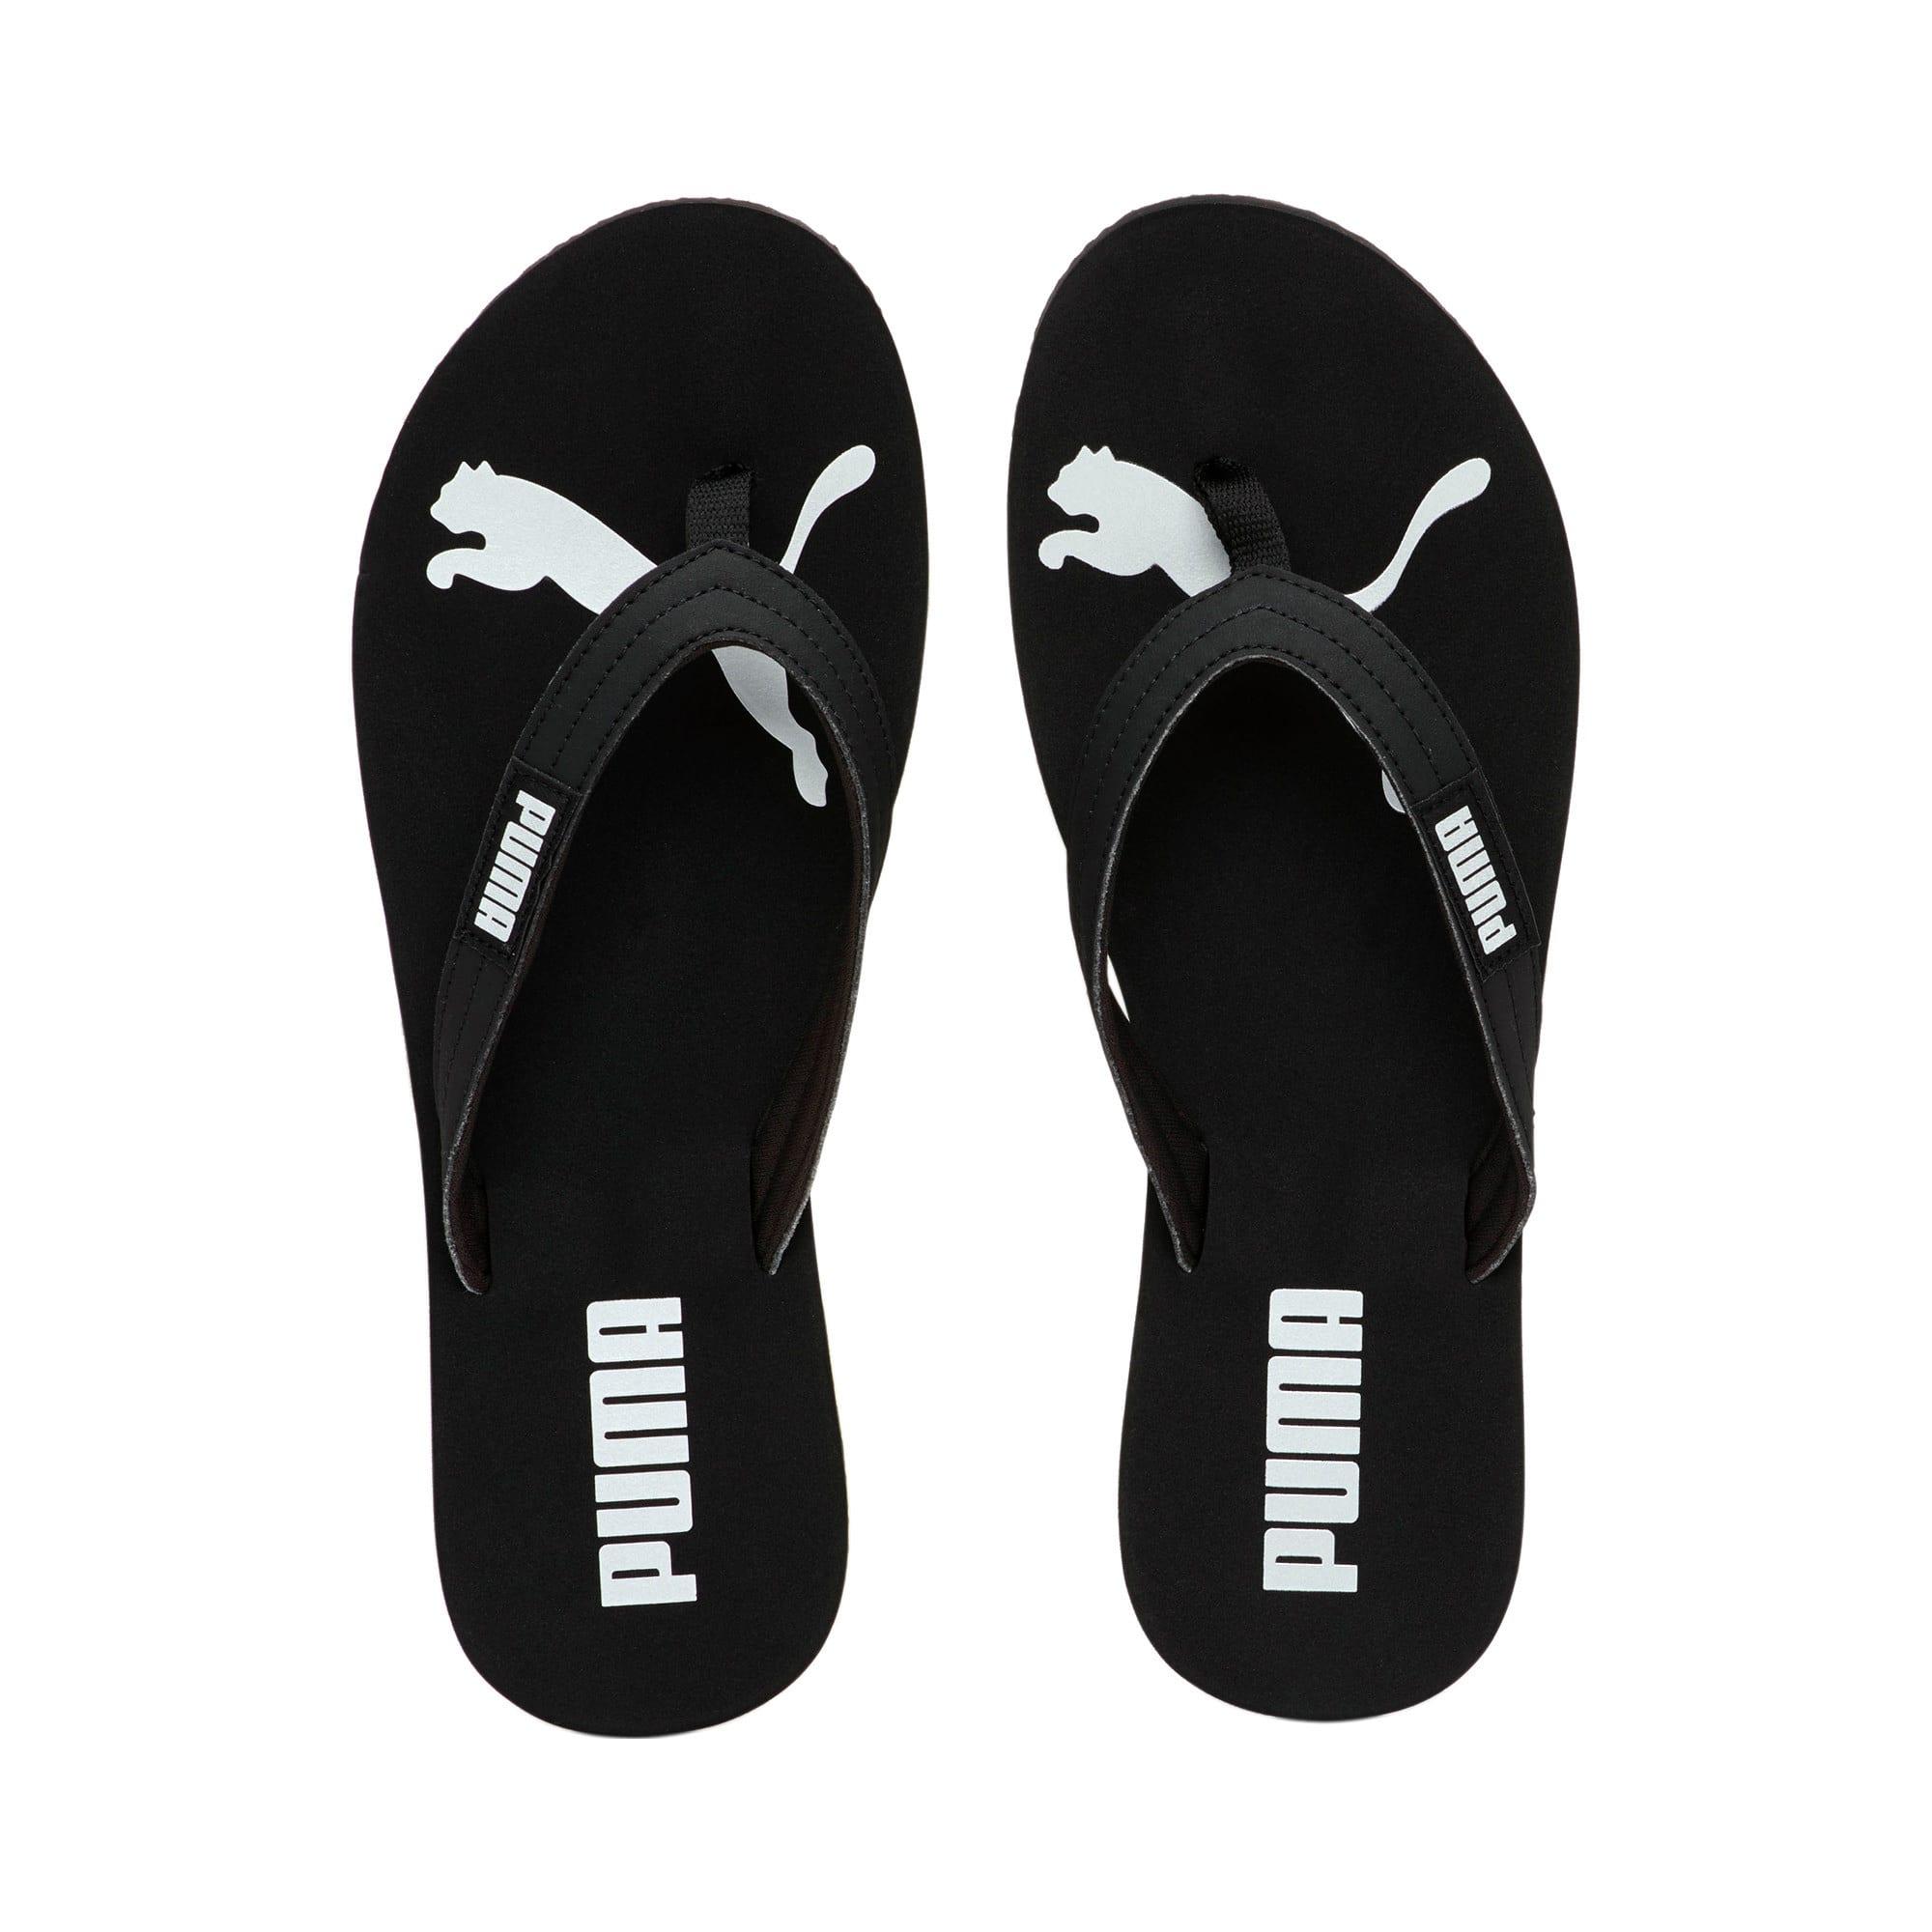 Miniatura 6 de Sandalias PUMA Cozy Flip para mujer, Puma Black-Puma Silver, mediano